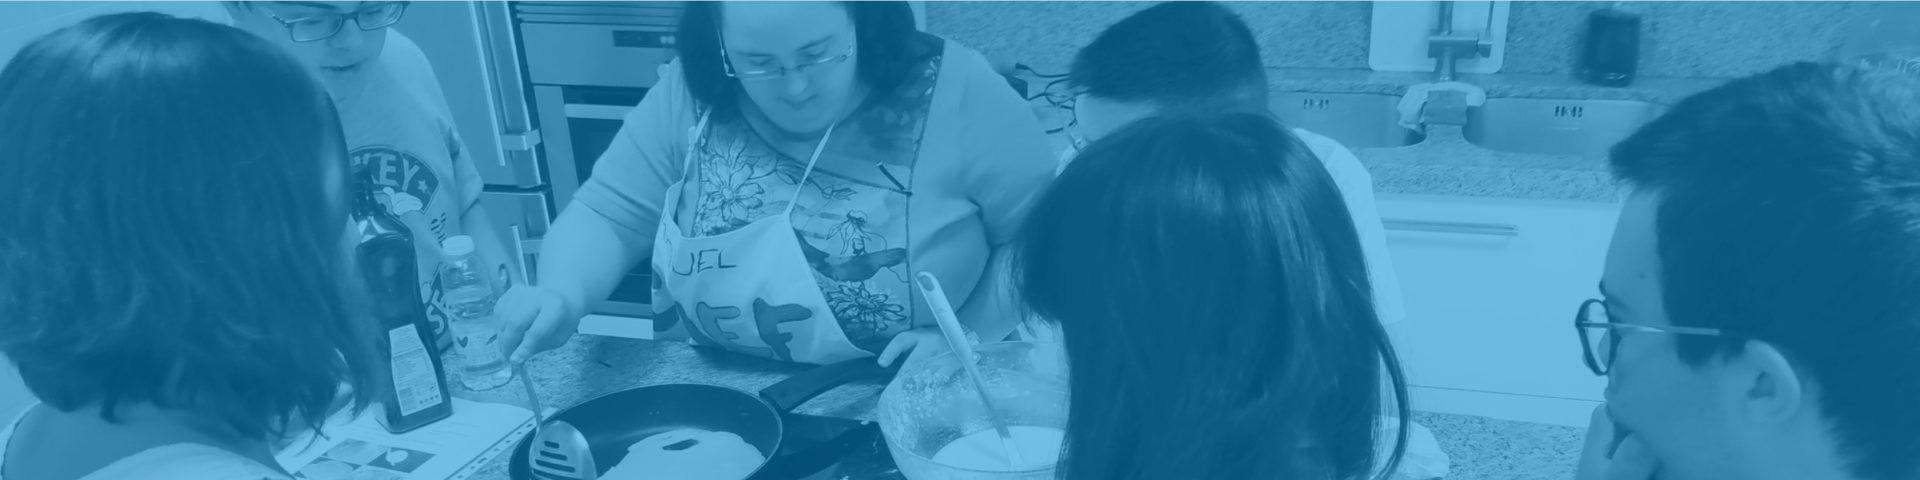 Grupo de chicos y chicas con Síndrome de Down cocinan juntos guiados por profesora